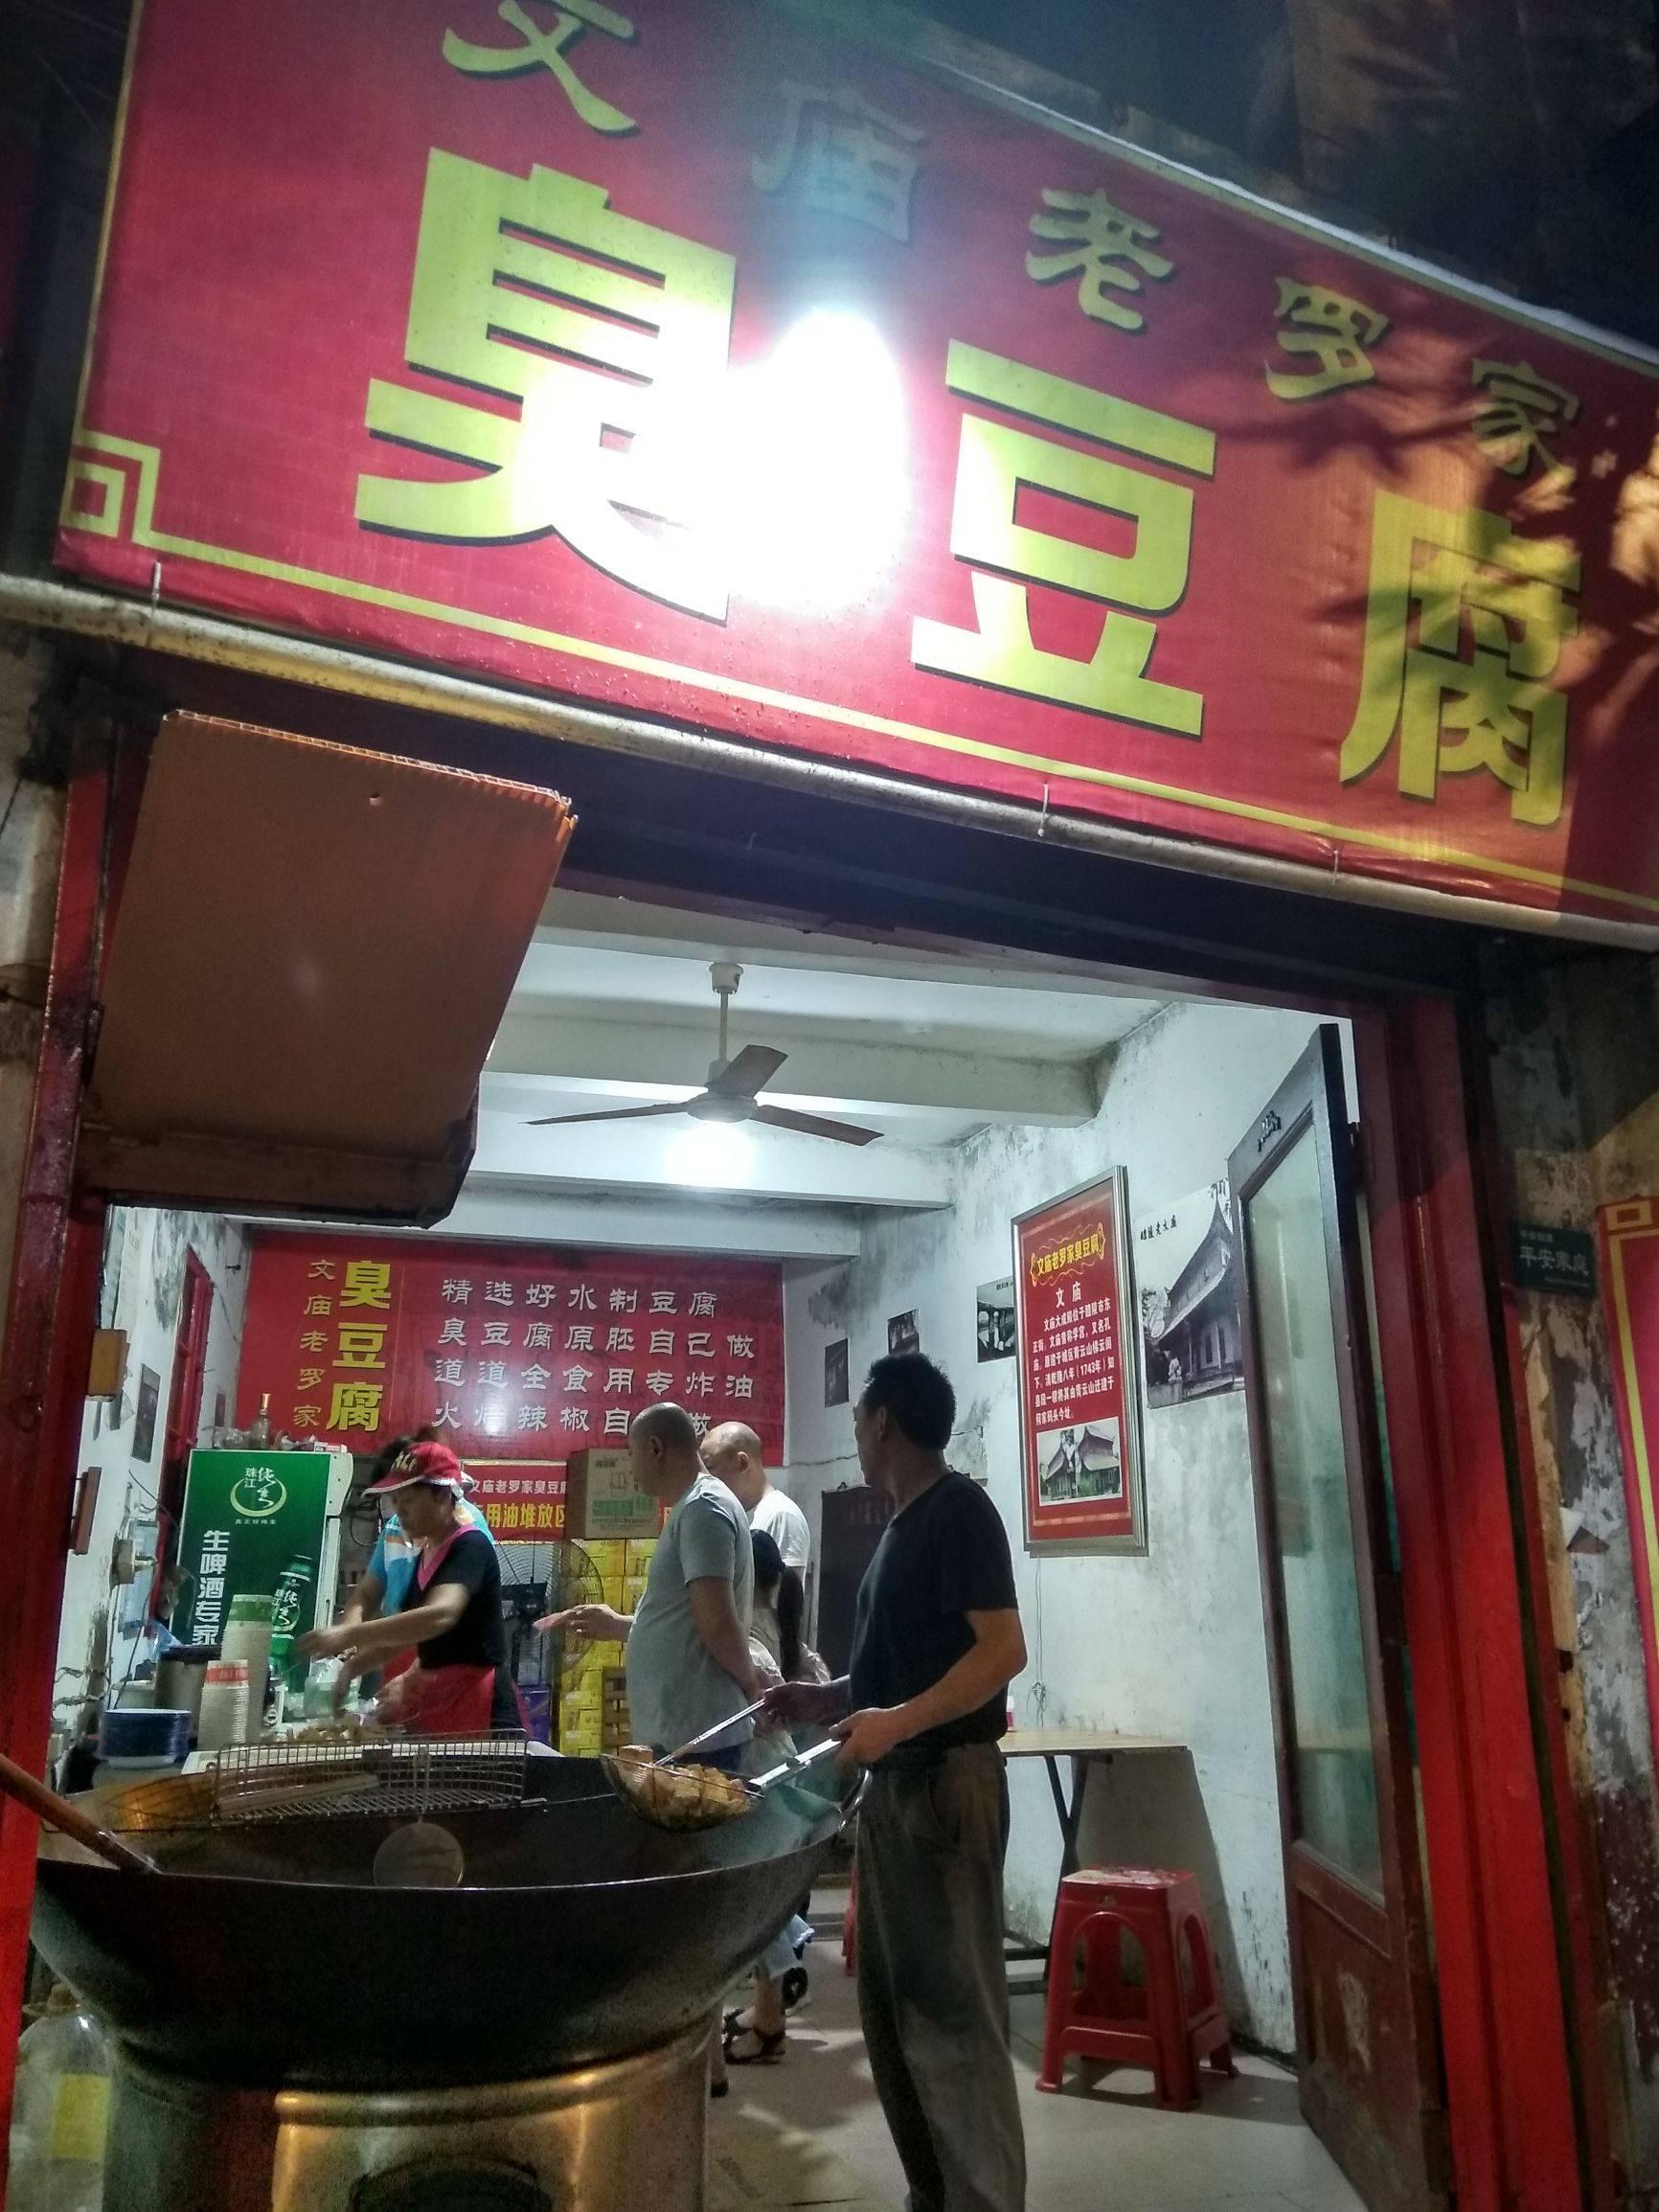 卖臭豆腐一天赚多少钱(卖臭豆腐开店更赚钱吗)插图(3)